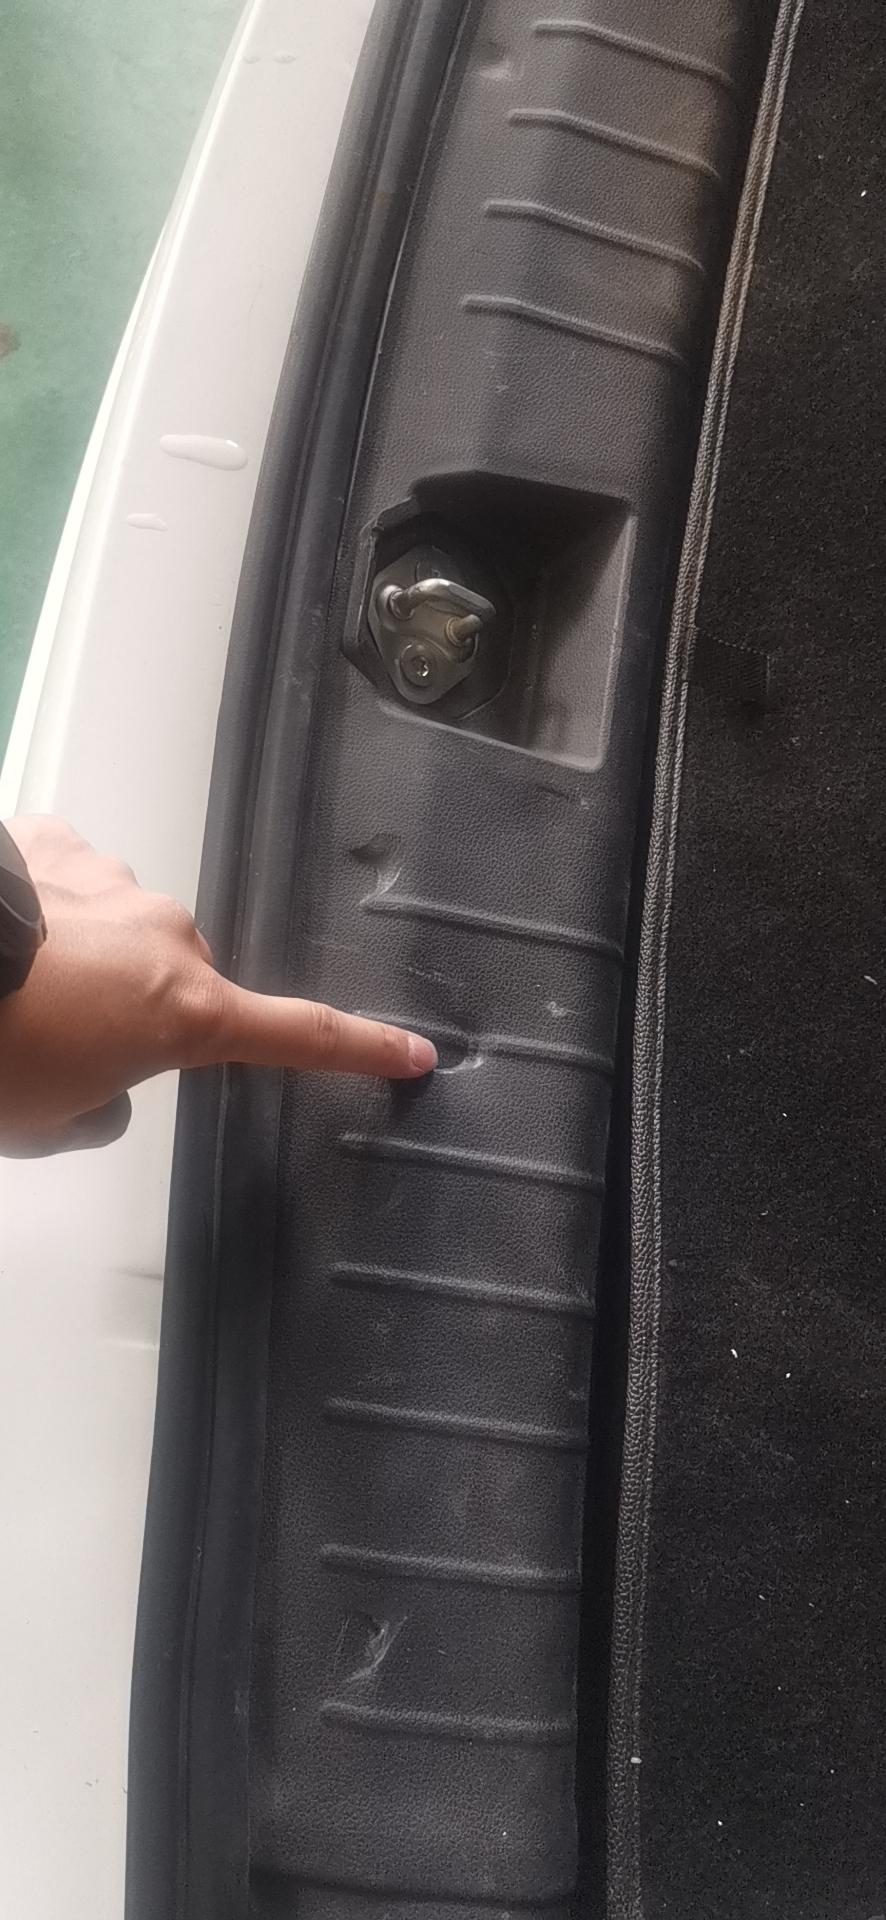 众泰-众泰E200 车辆维修时间长,售后维修技术差